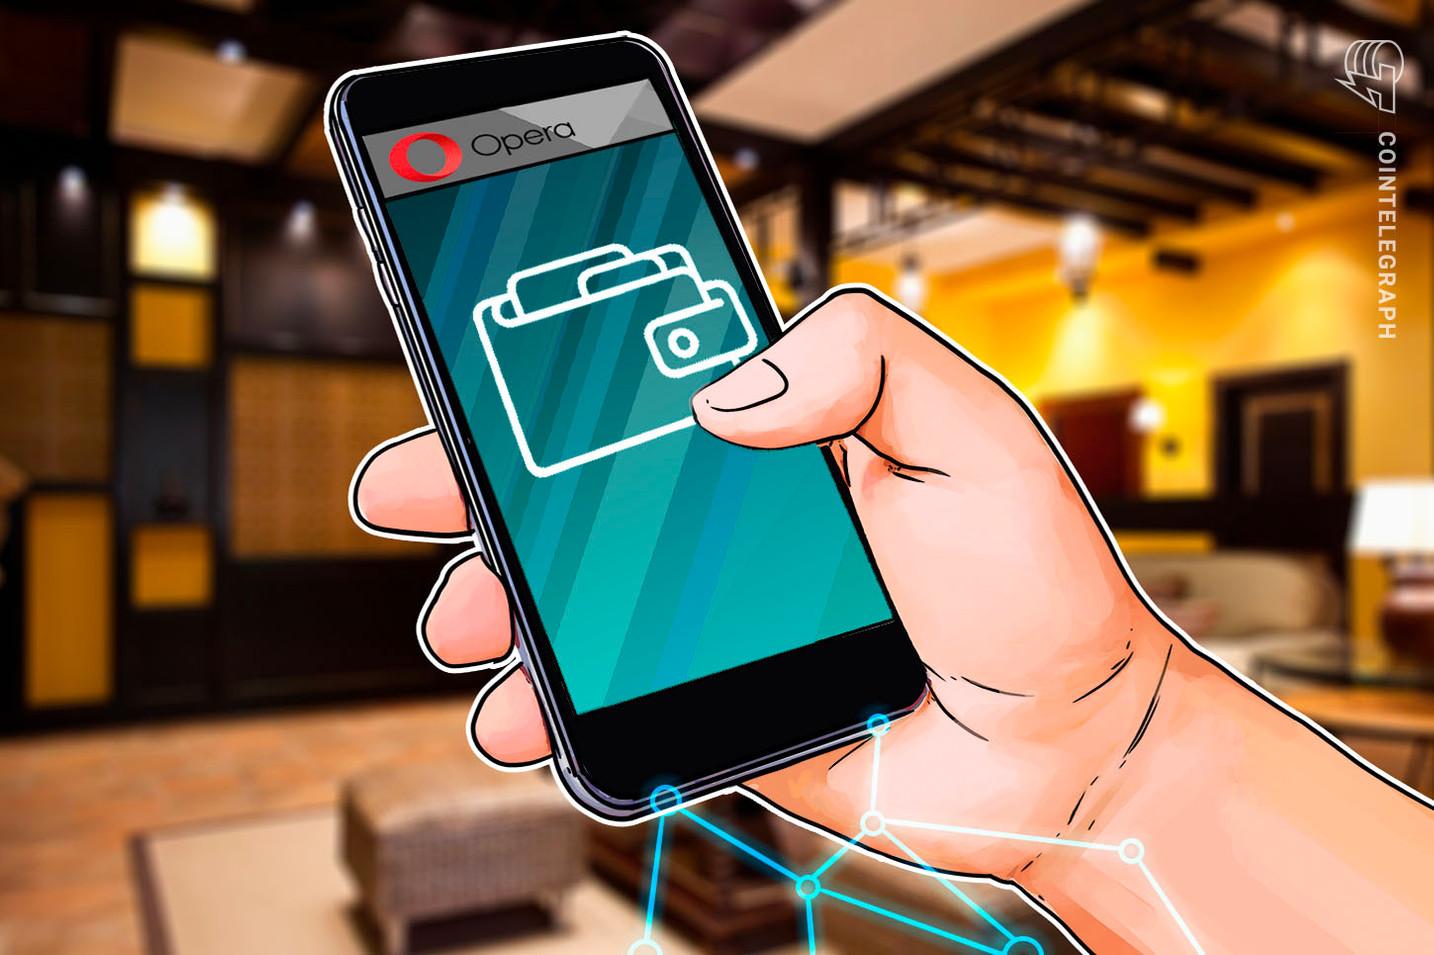 Opera anuncia soporte para las stablecoins de Celo en su aplicación de billetera de criptomonedas